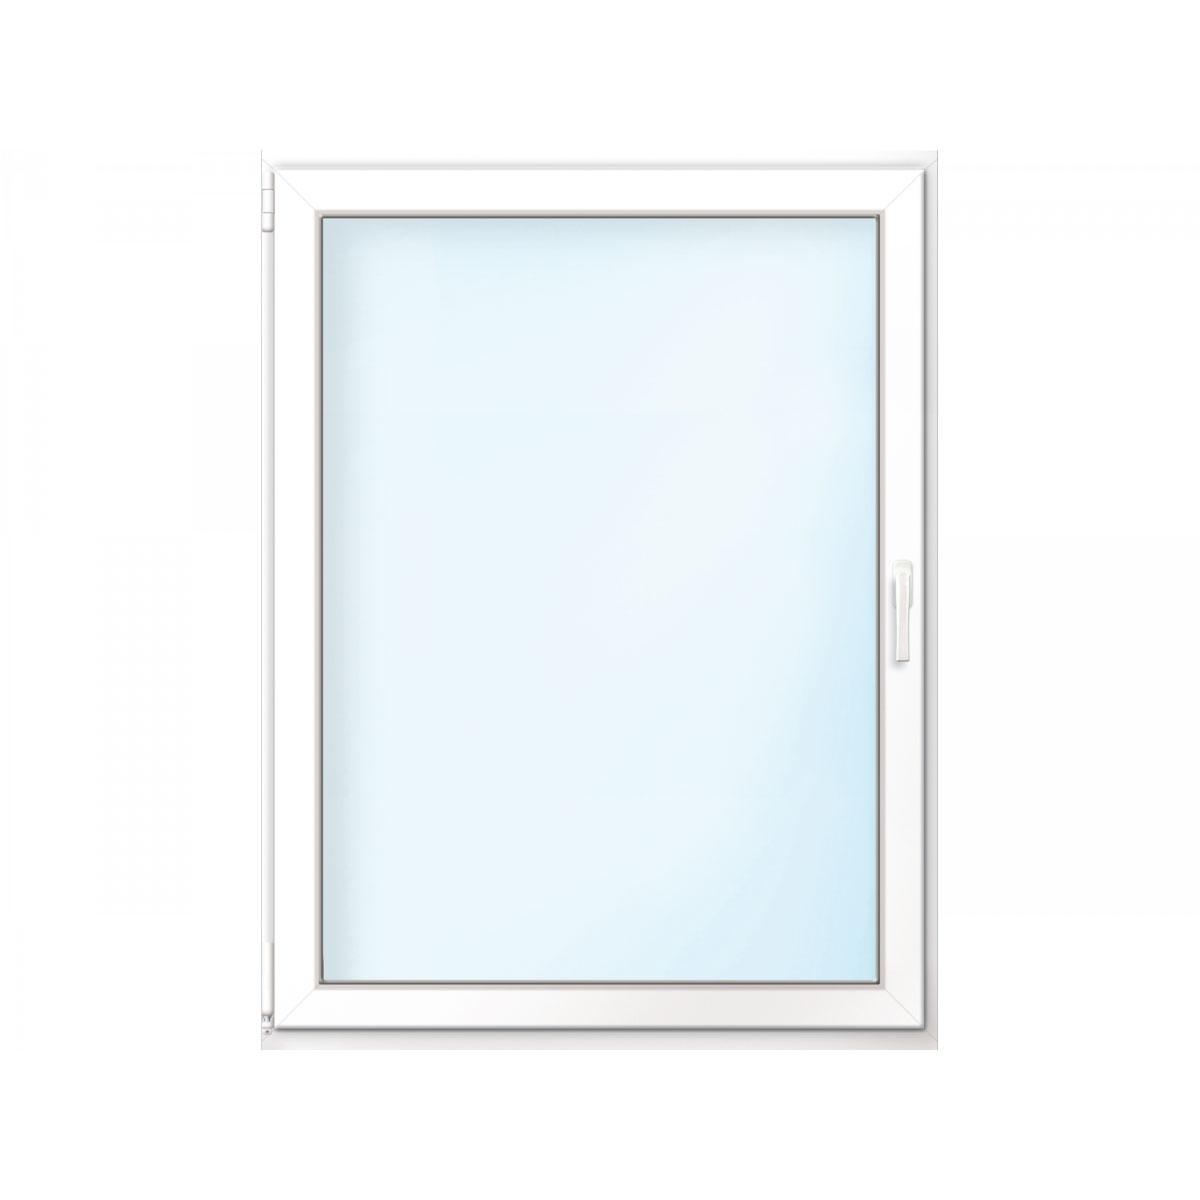 Fenster PVC 70/3 weiß/weiß Anschlag links 60x75 cm